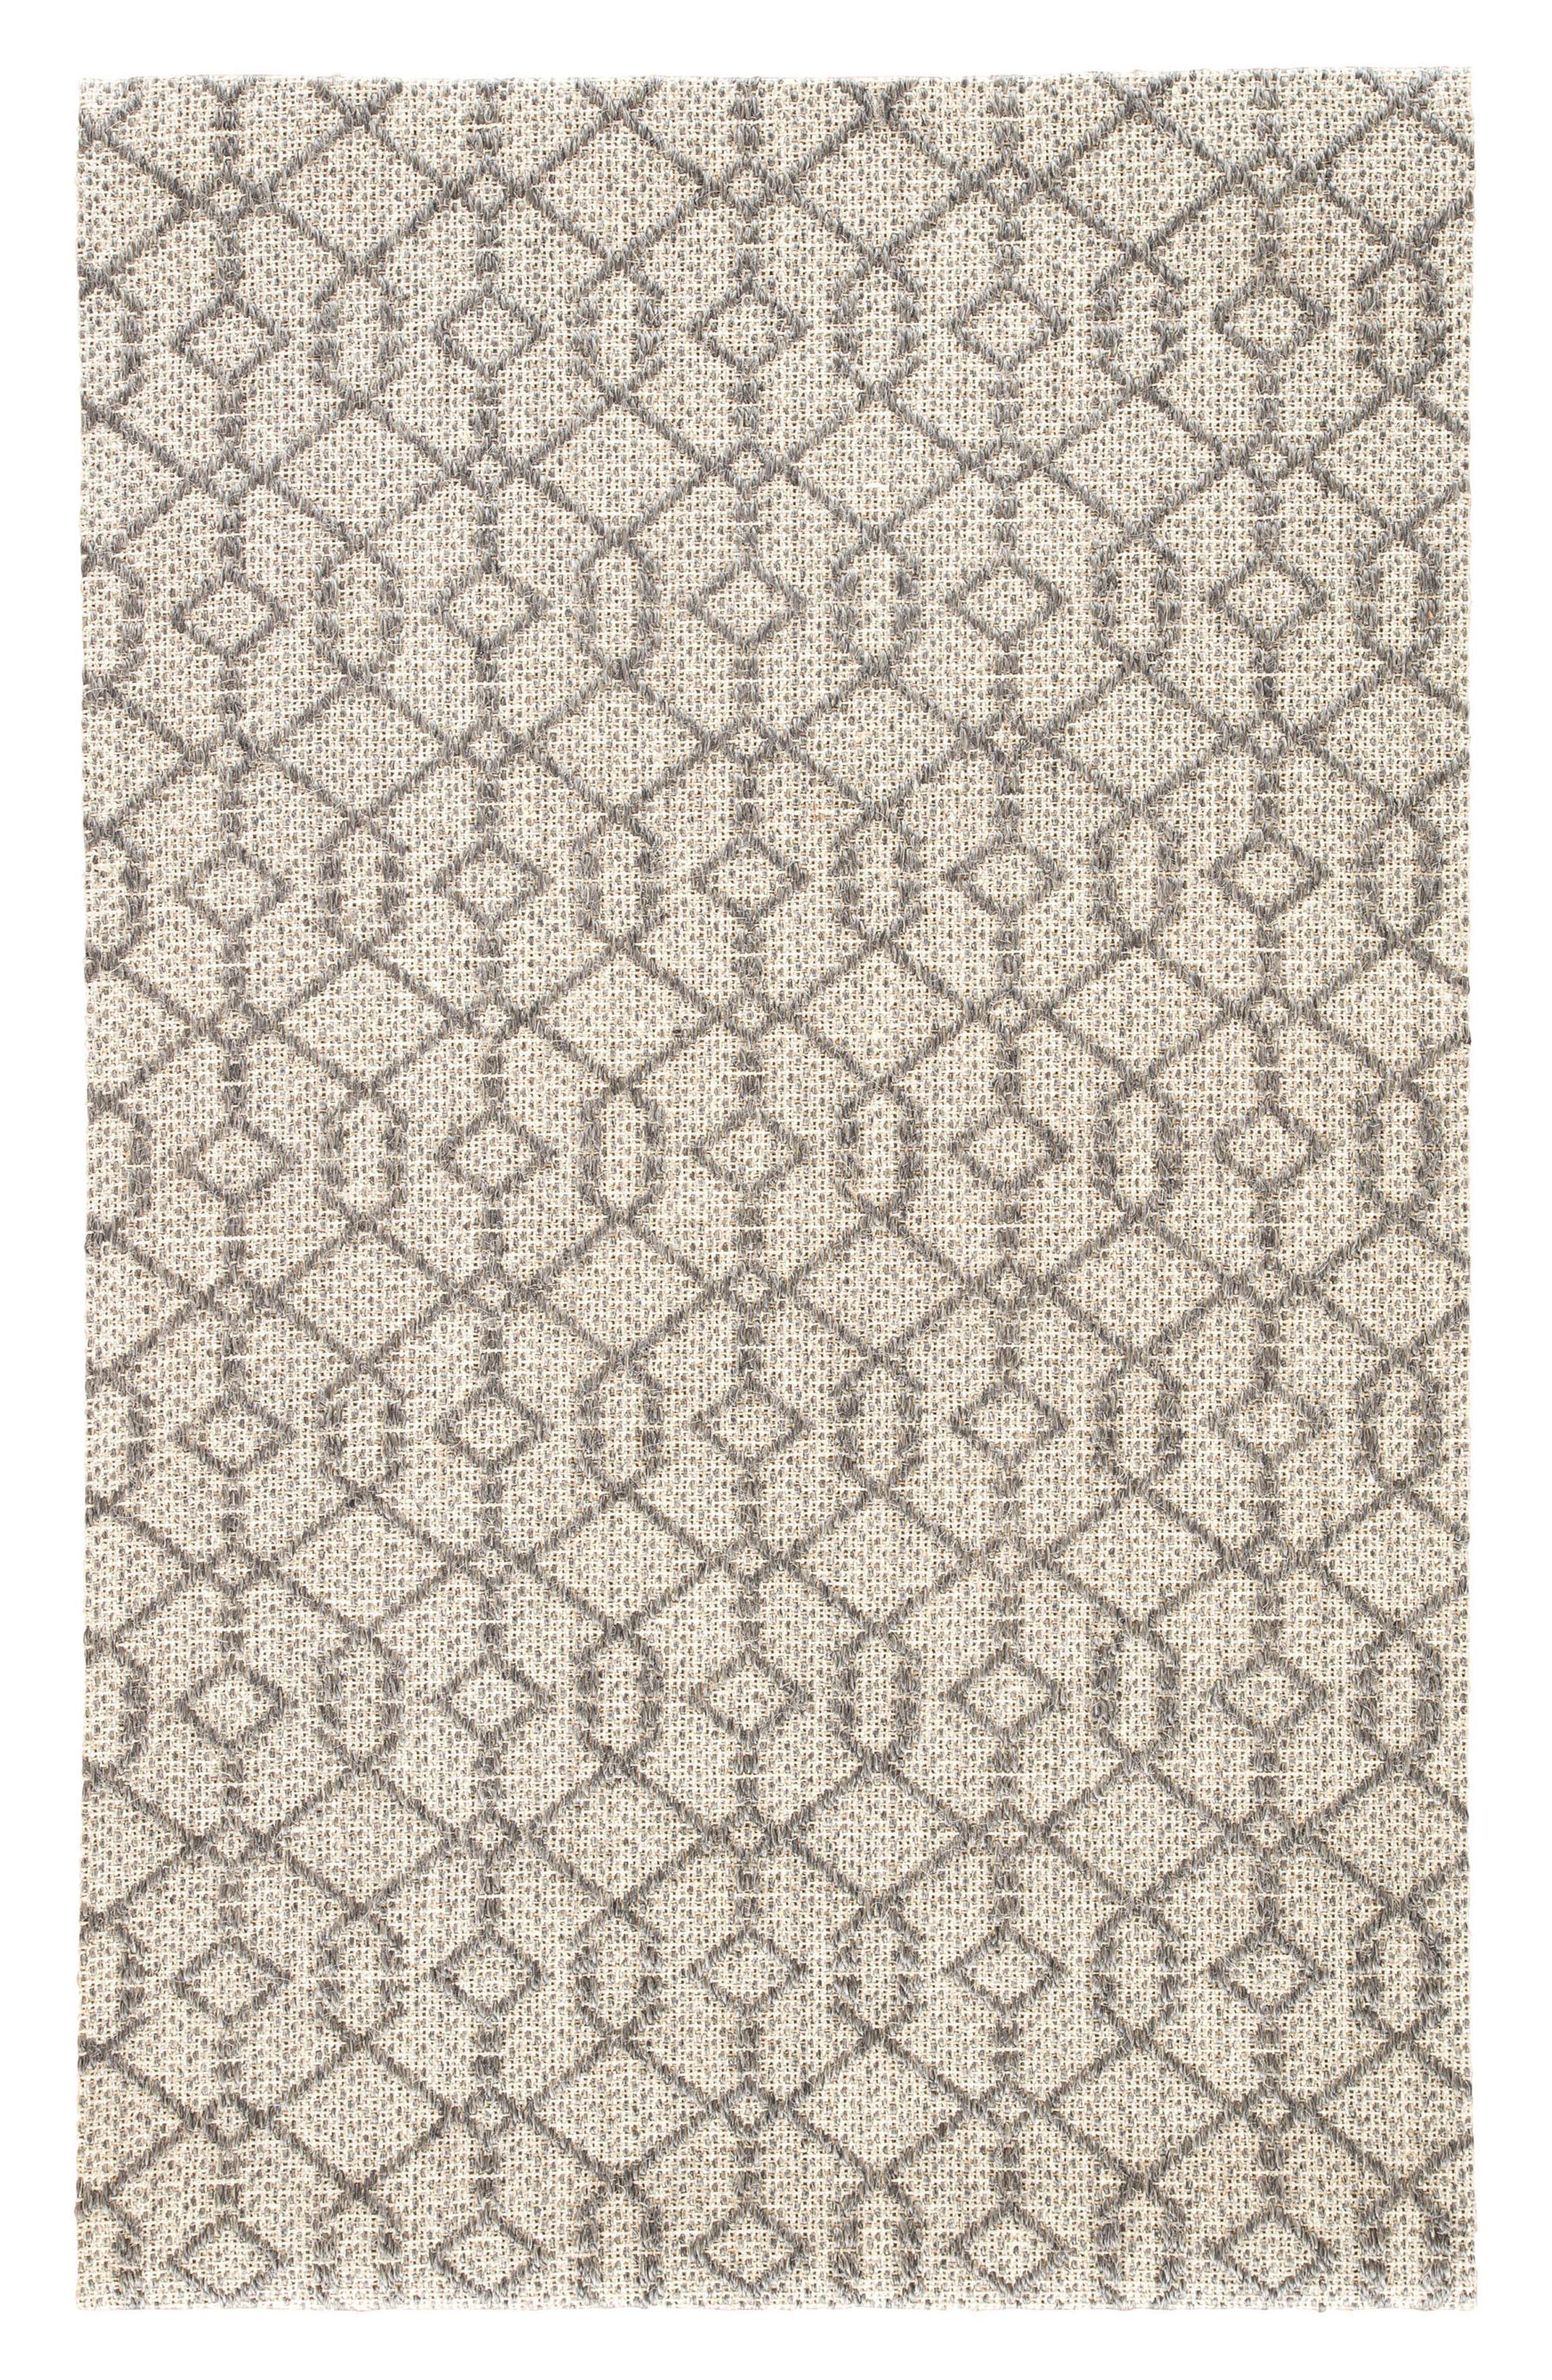 Baza Sisal Rug,                             Main thumbnail 1, color,                             Charcoal Grey